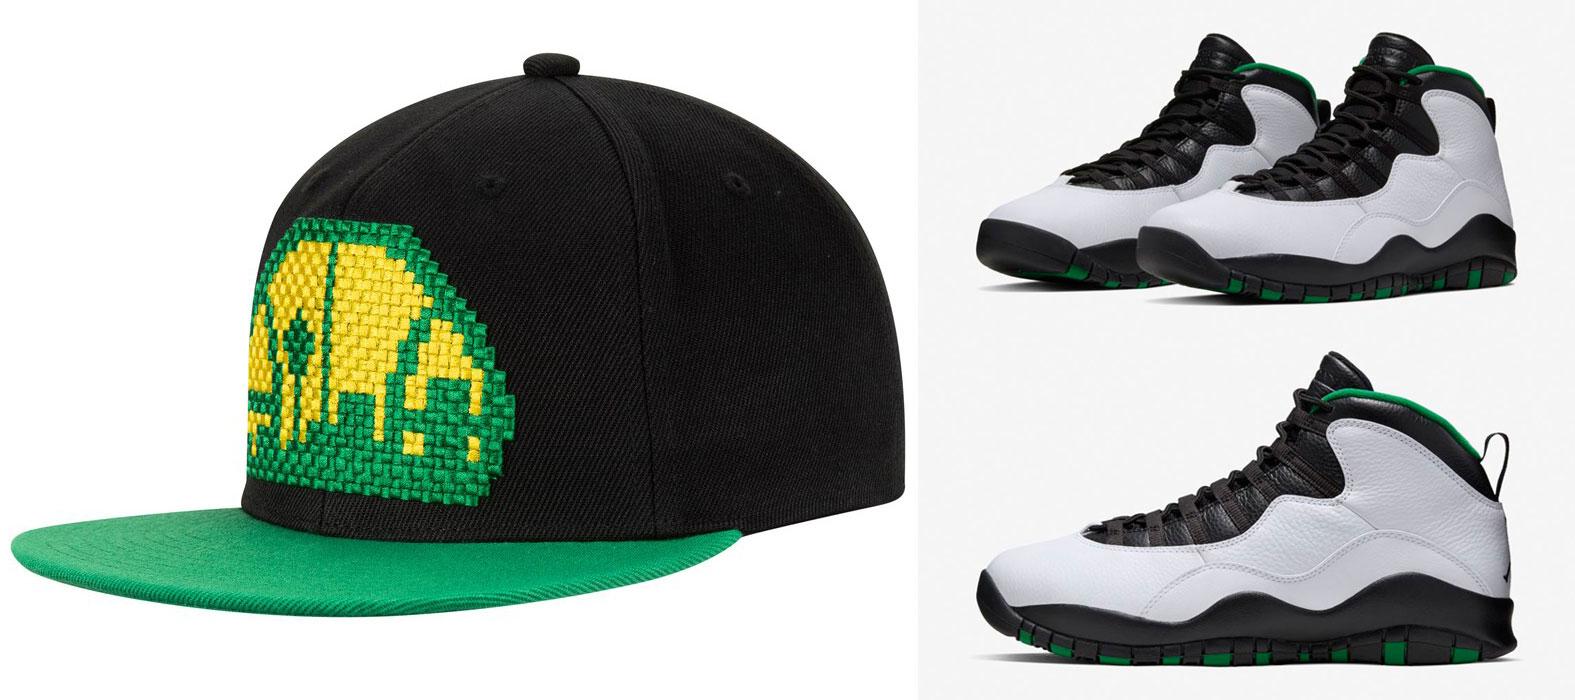 jordan-10-seattle-hat-2